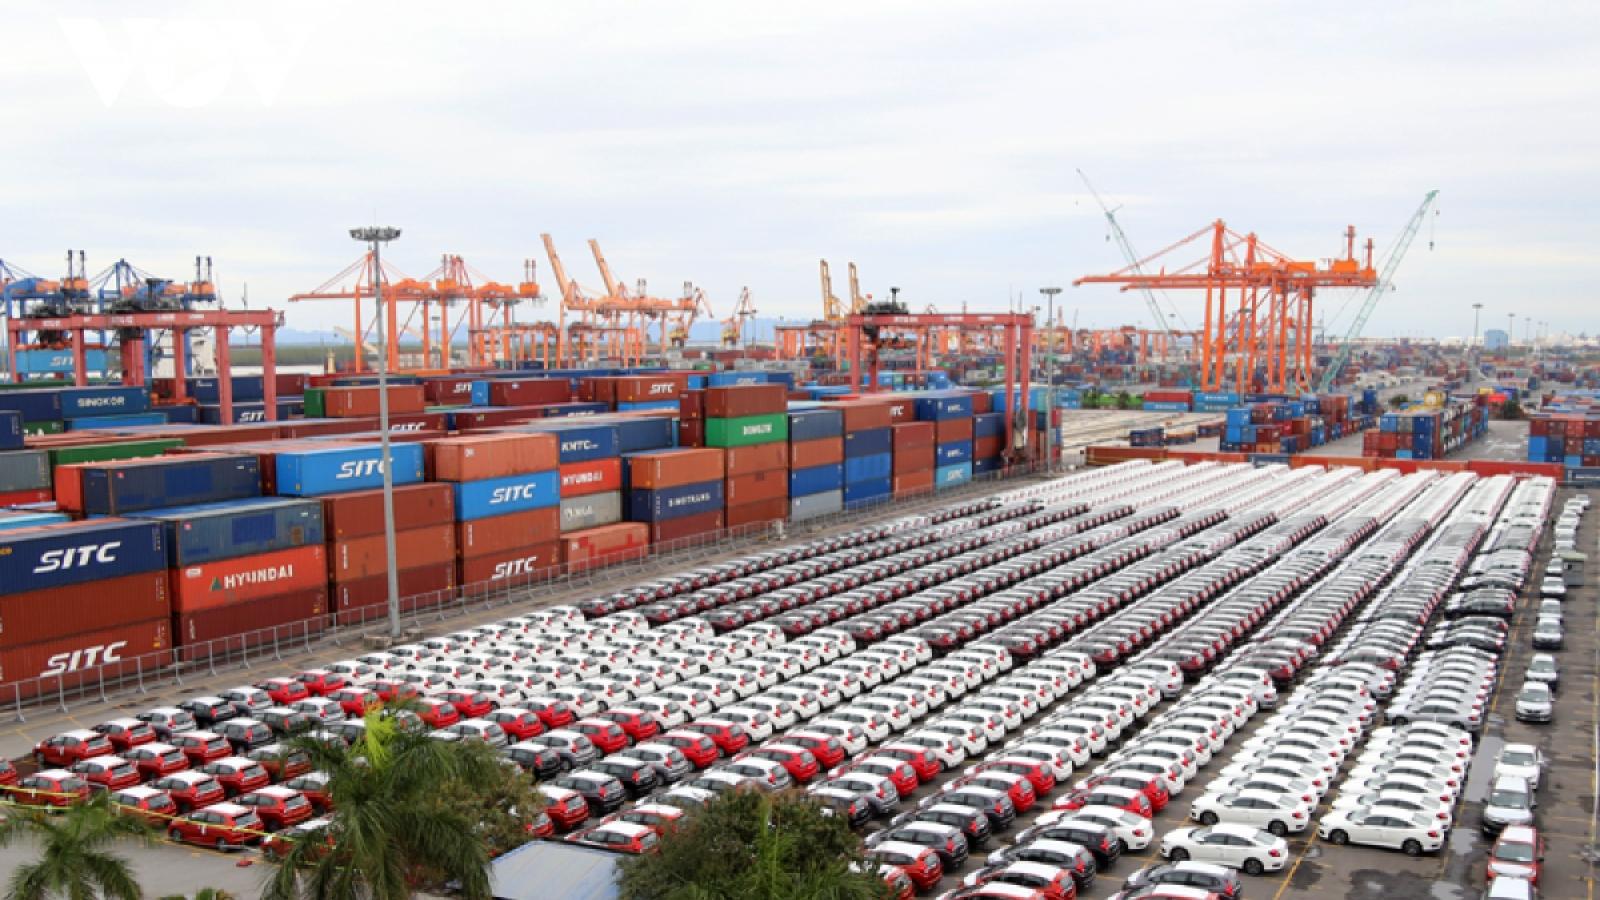 Ô tô nhập khẩu ồ ạt về Việt Nam dù vướng đại dịch Covid-19